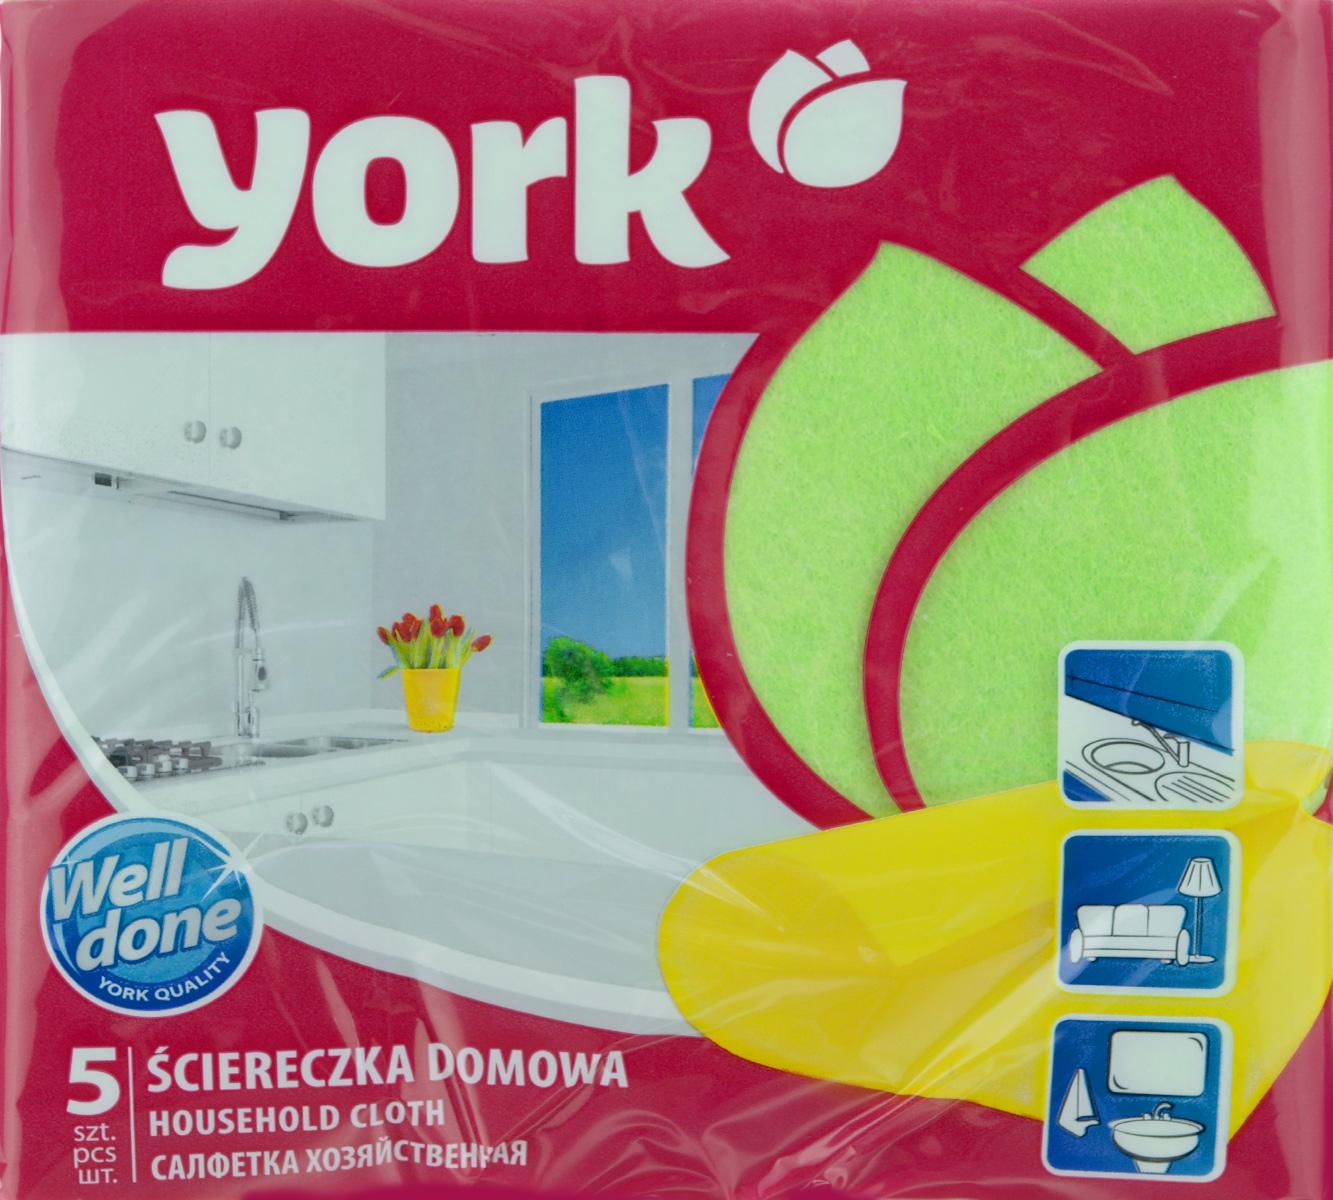 Салфетка хозяйственная York, цвет: зеленый, 35 х 35 см, 5 шт2034_зеленыйУниверсальная салфетка York предназначена для мытья, протирания и полировки. Она выполнена из вискозы с добавлением полипропиленового волокна, отличается высокой прочностью. Хорошо поглощает влагу, эффективно очищает поверхности и не оставляет ворсинок. Идеальна для ухода за столешницами и раковиной на кухне, за стеклом и зеркалами, деревянной мебелью. Может использоваться в сухом и влажном виде.В комплект входят 5 салфеток.